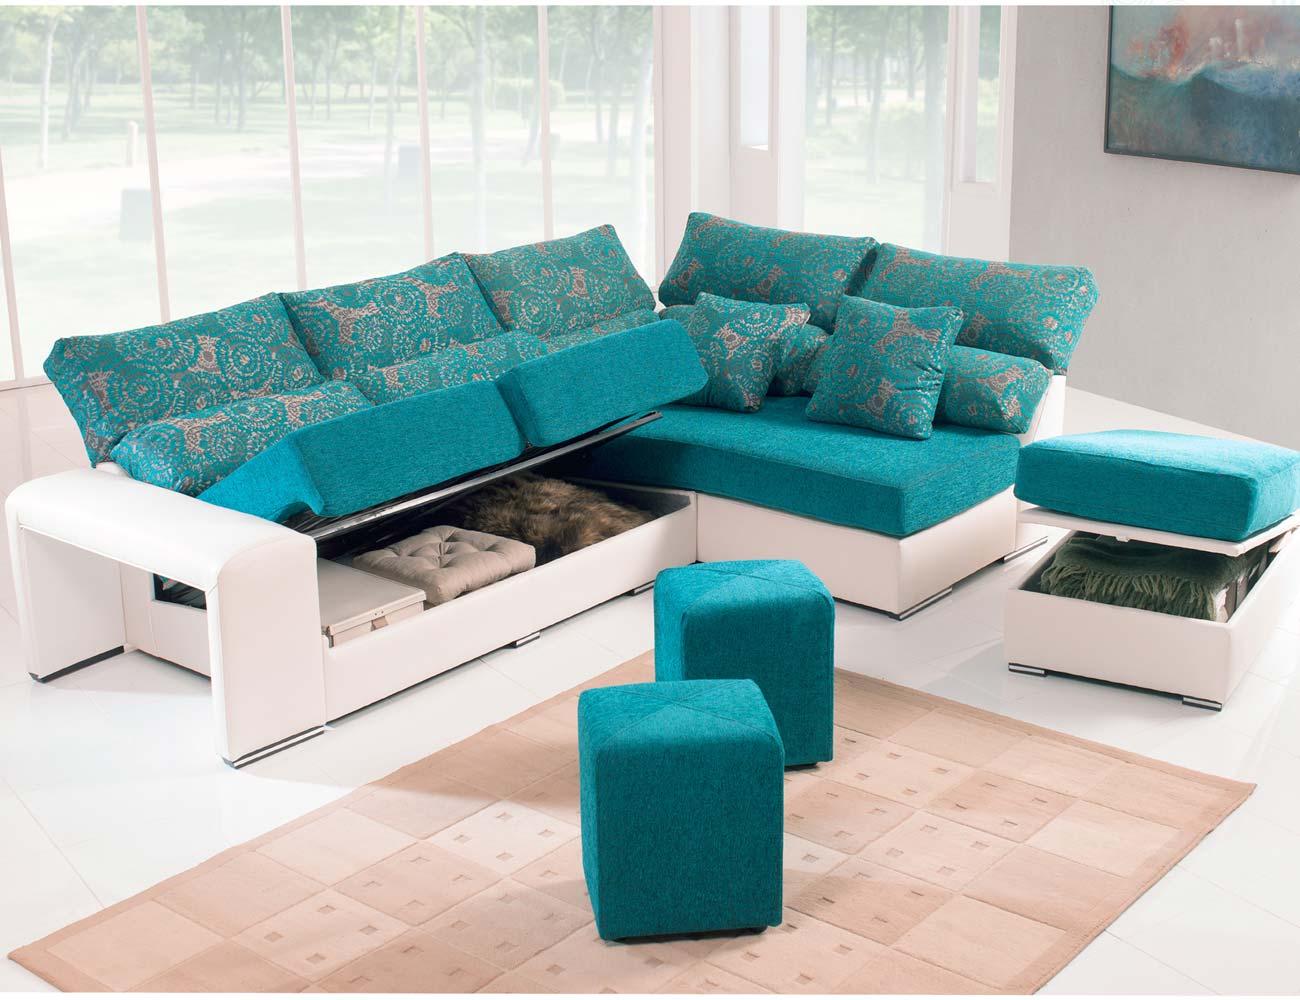 Sofa chaiselongue rincon puff arcon taburete10